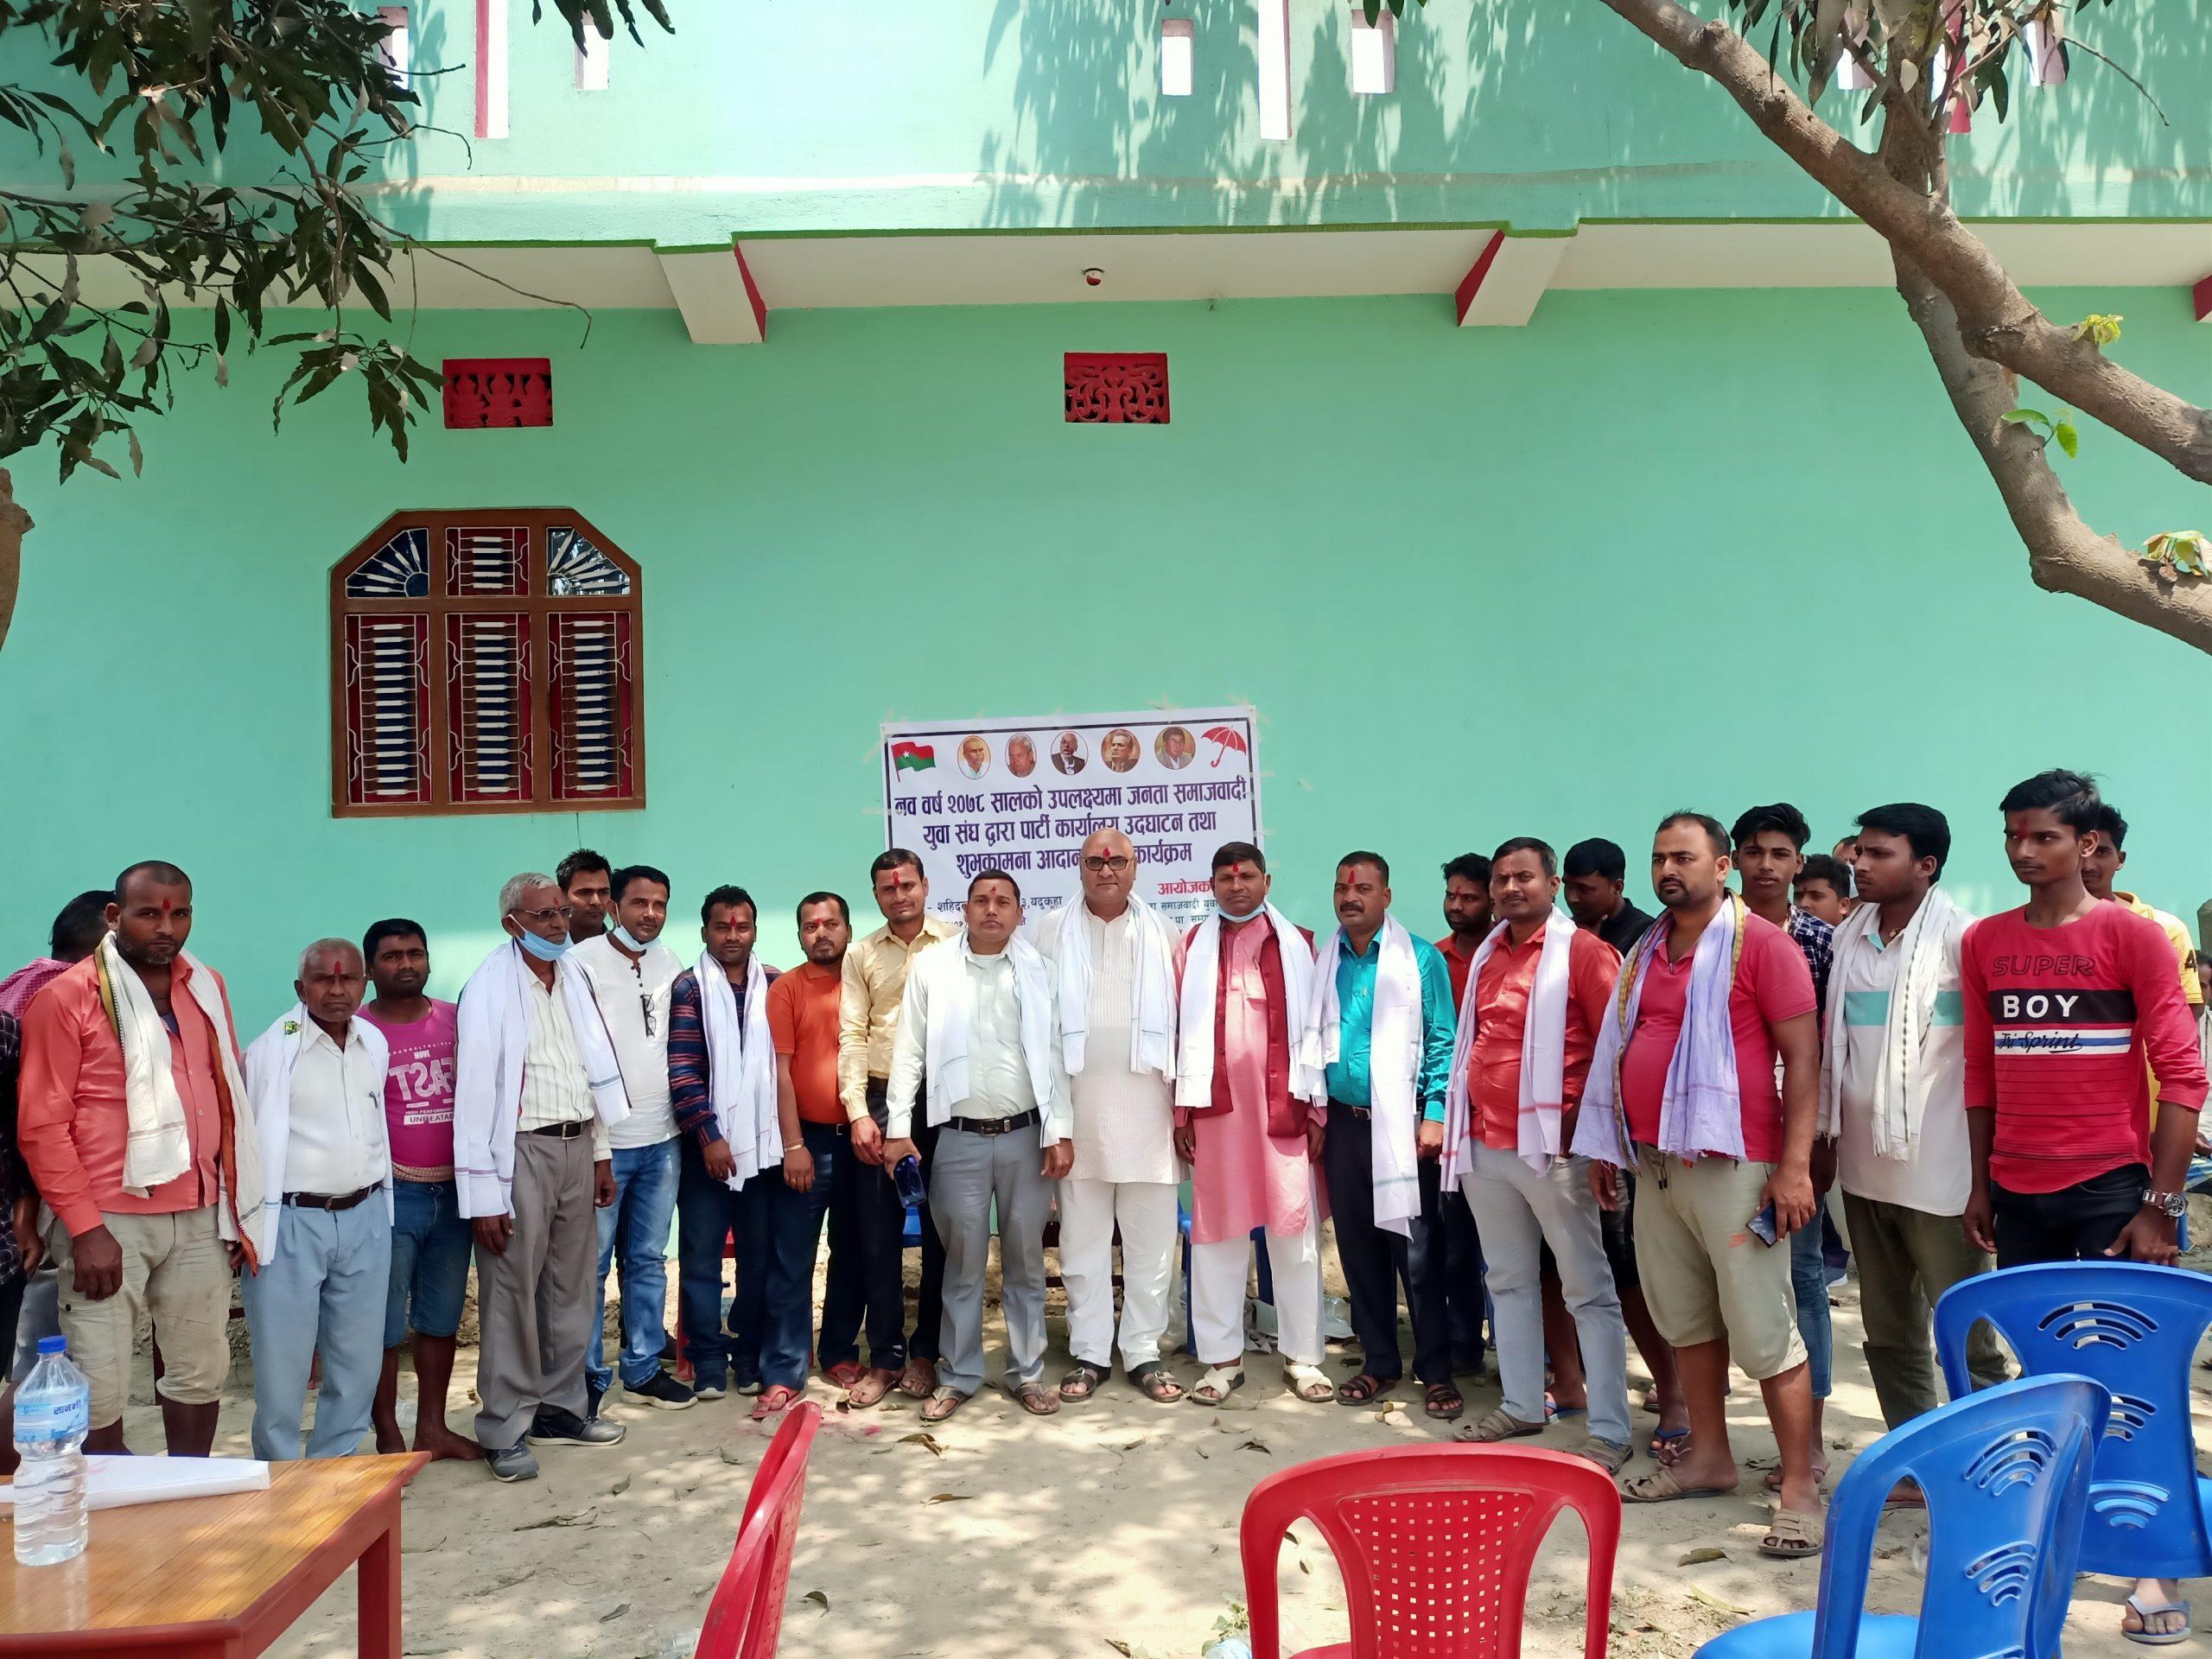 शहिदनगरमा समाजवादी युवा संघ द्वारा नयाँ बर्षको शुभकामना आदान प्रदान